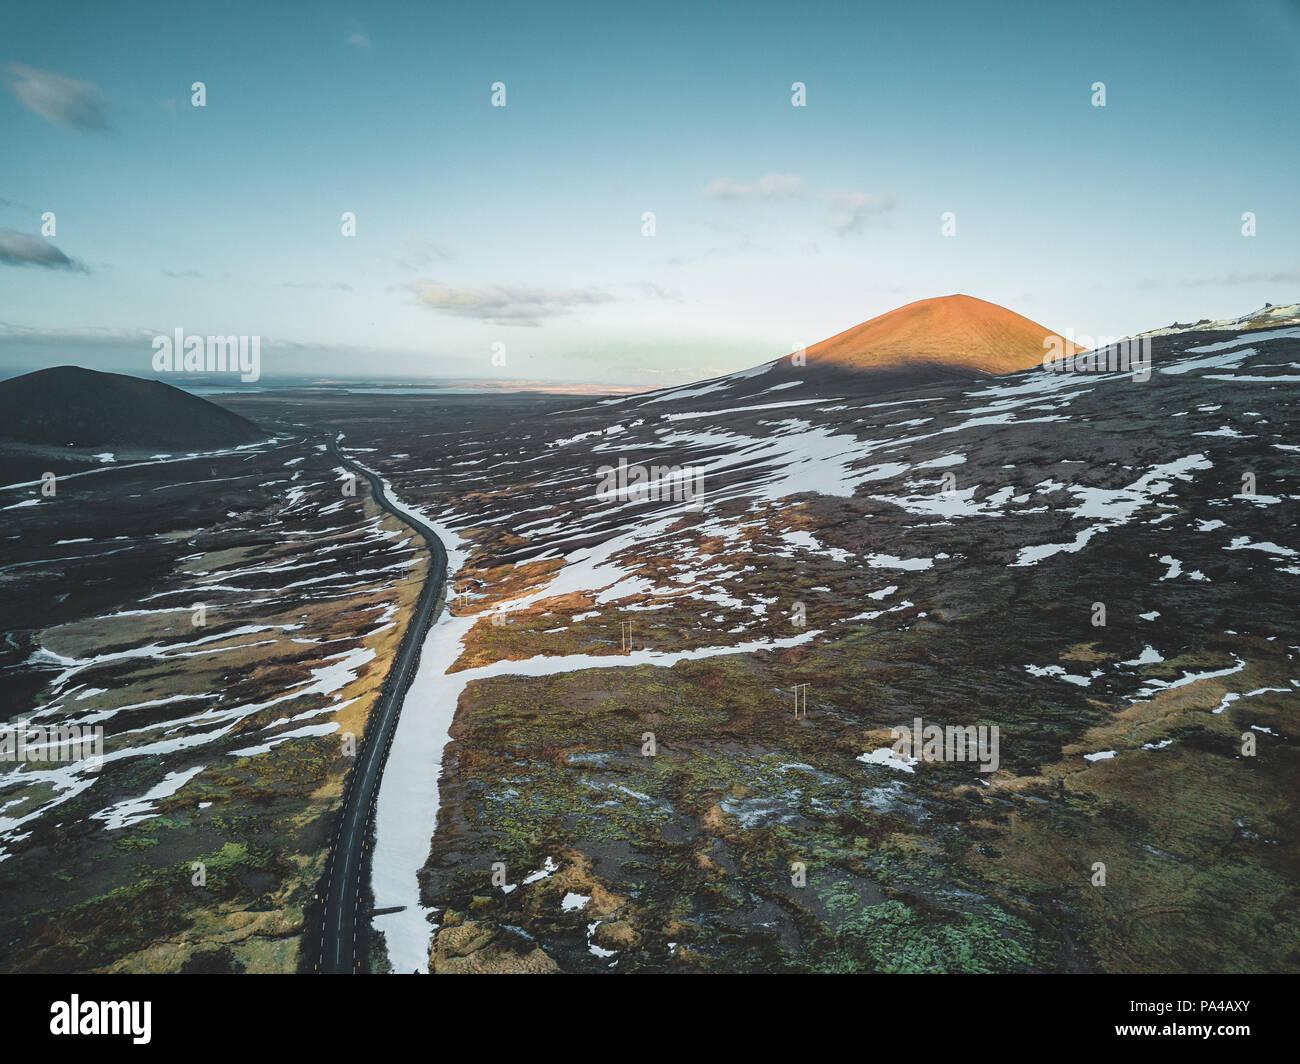 Antenne drone Foto von einem leeren See und Straße Landstraße 1 mit einem riesigen vulkanischen Berg Snæfellsjökull in der Ferne, Reykjavik, Island. Stockbild